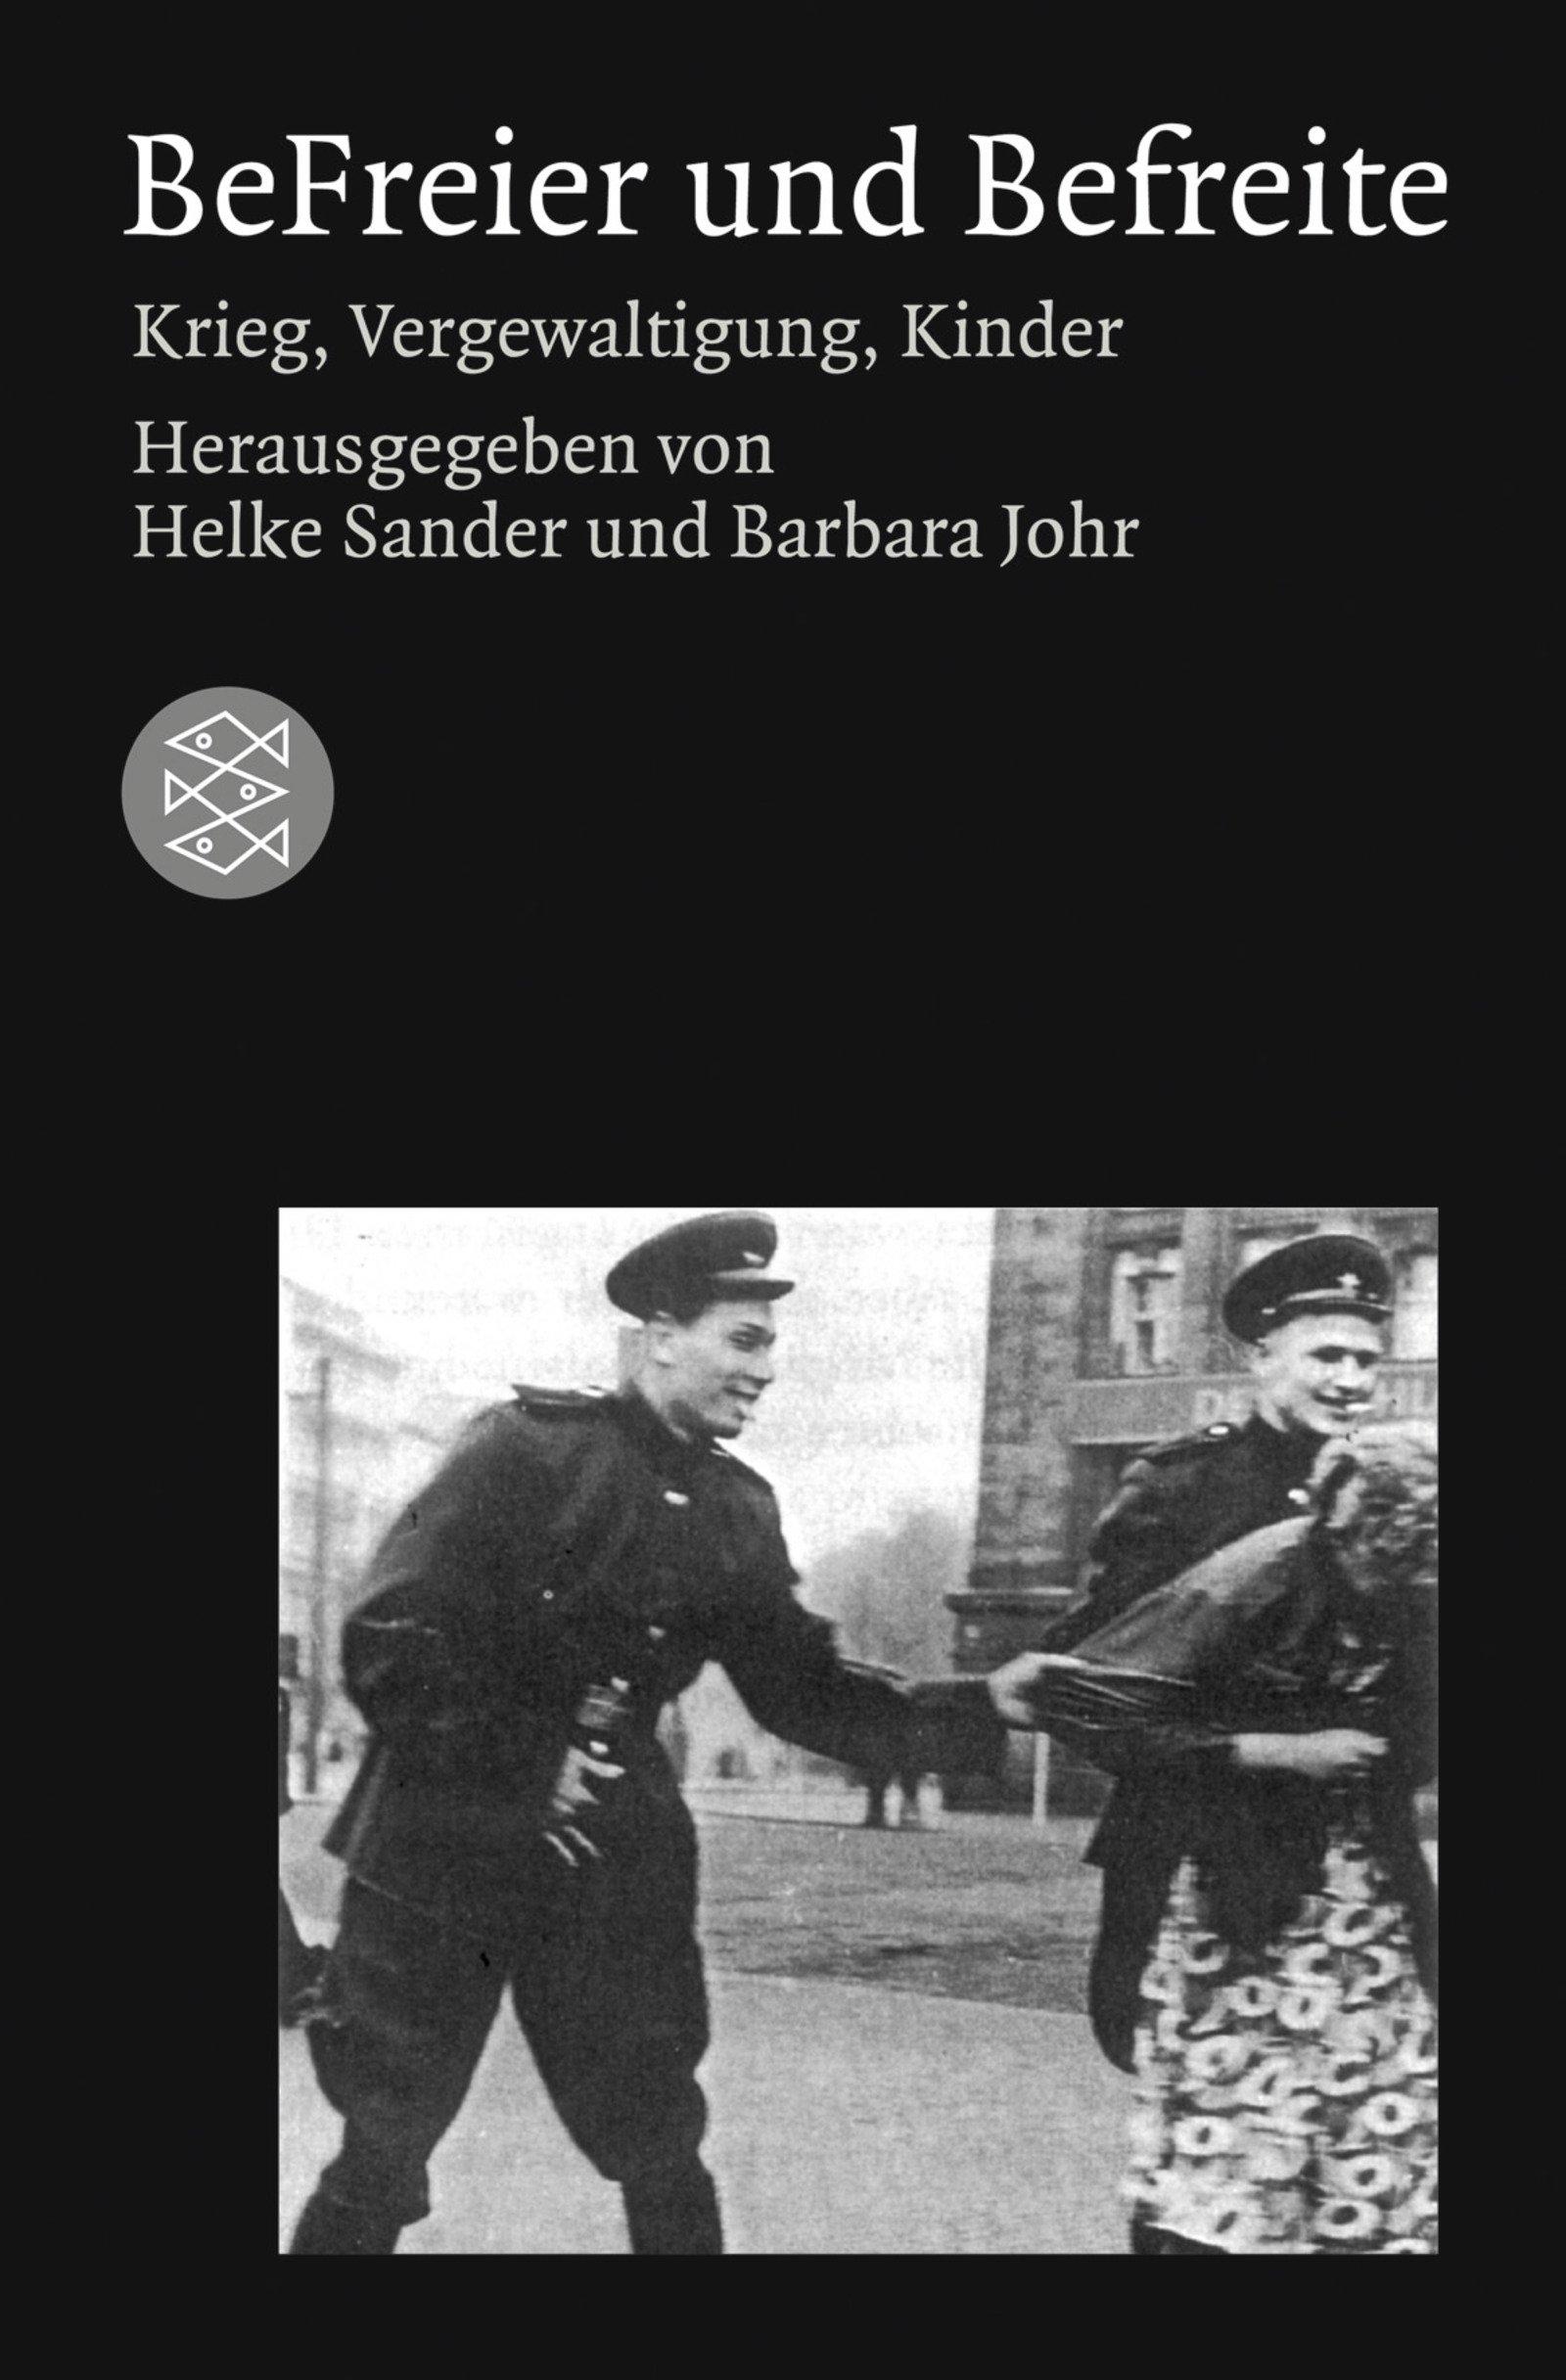 BeFreier und Befreite: Krieg, Vergewaltigung, Kinder Taschenbuch – 9. September 2008 Helke Sander Barbara Johr Fischer Taschenbuch Verlag 3596163056